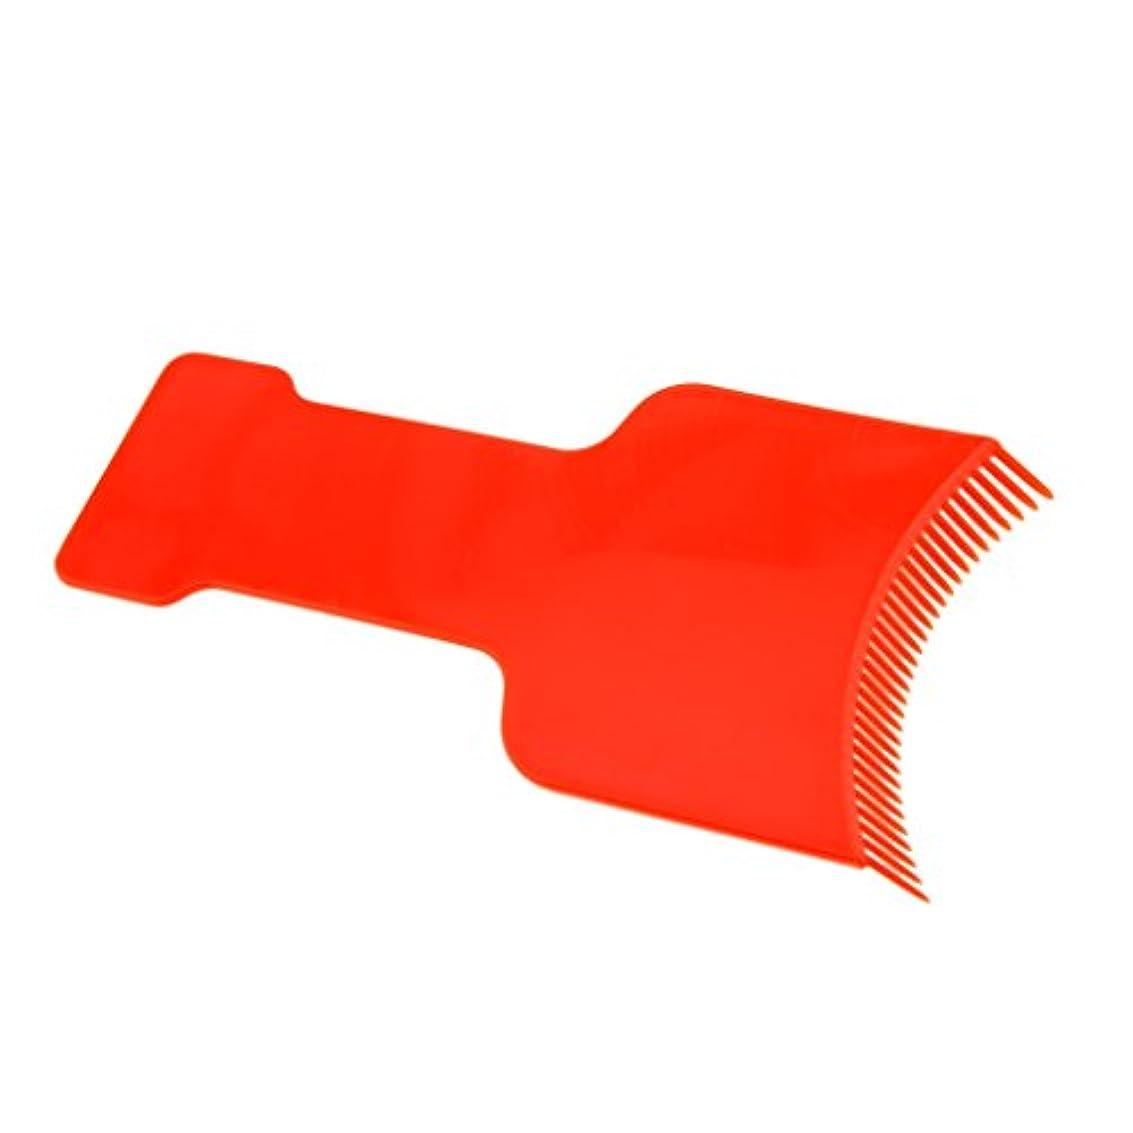 クック送金フォーマルBlesiya ヘアカラーボード サロン ヘアカラー ボード ヘアカラーティントプレート 理髪 美容院